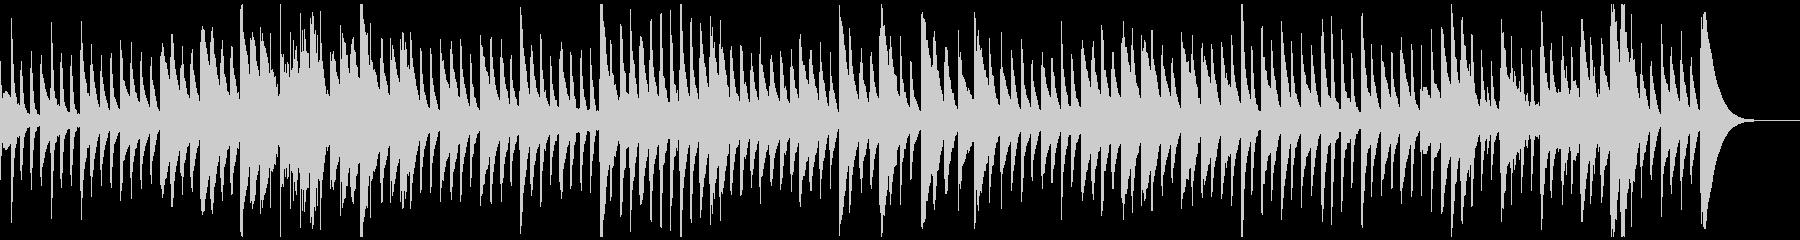 Marimba Cooking 2の未再生の波形